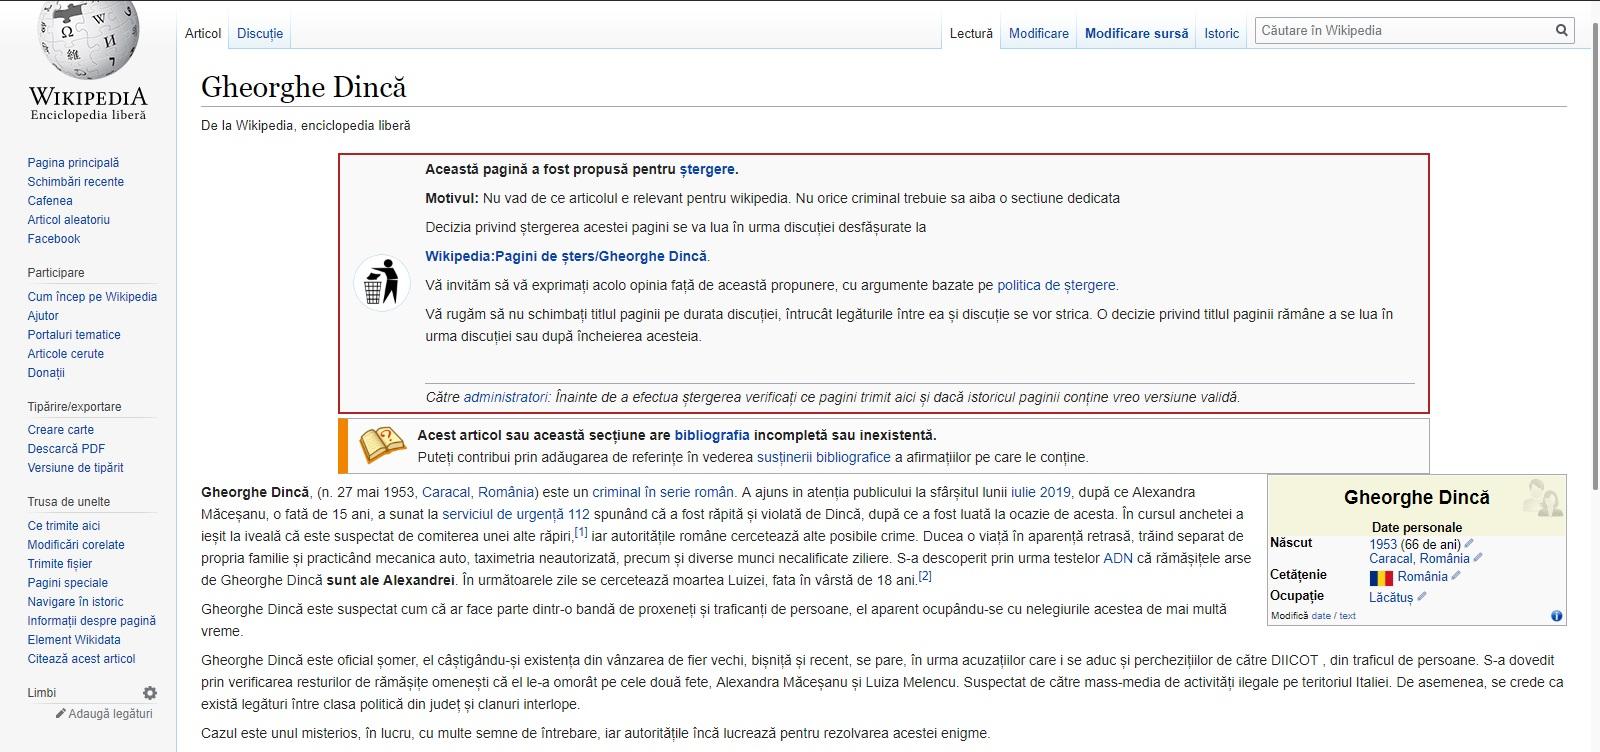 Ce scrie pe Wikipedia despre Gheorghe Dincă. Unele informații despre criminalul din Caracal sunt false